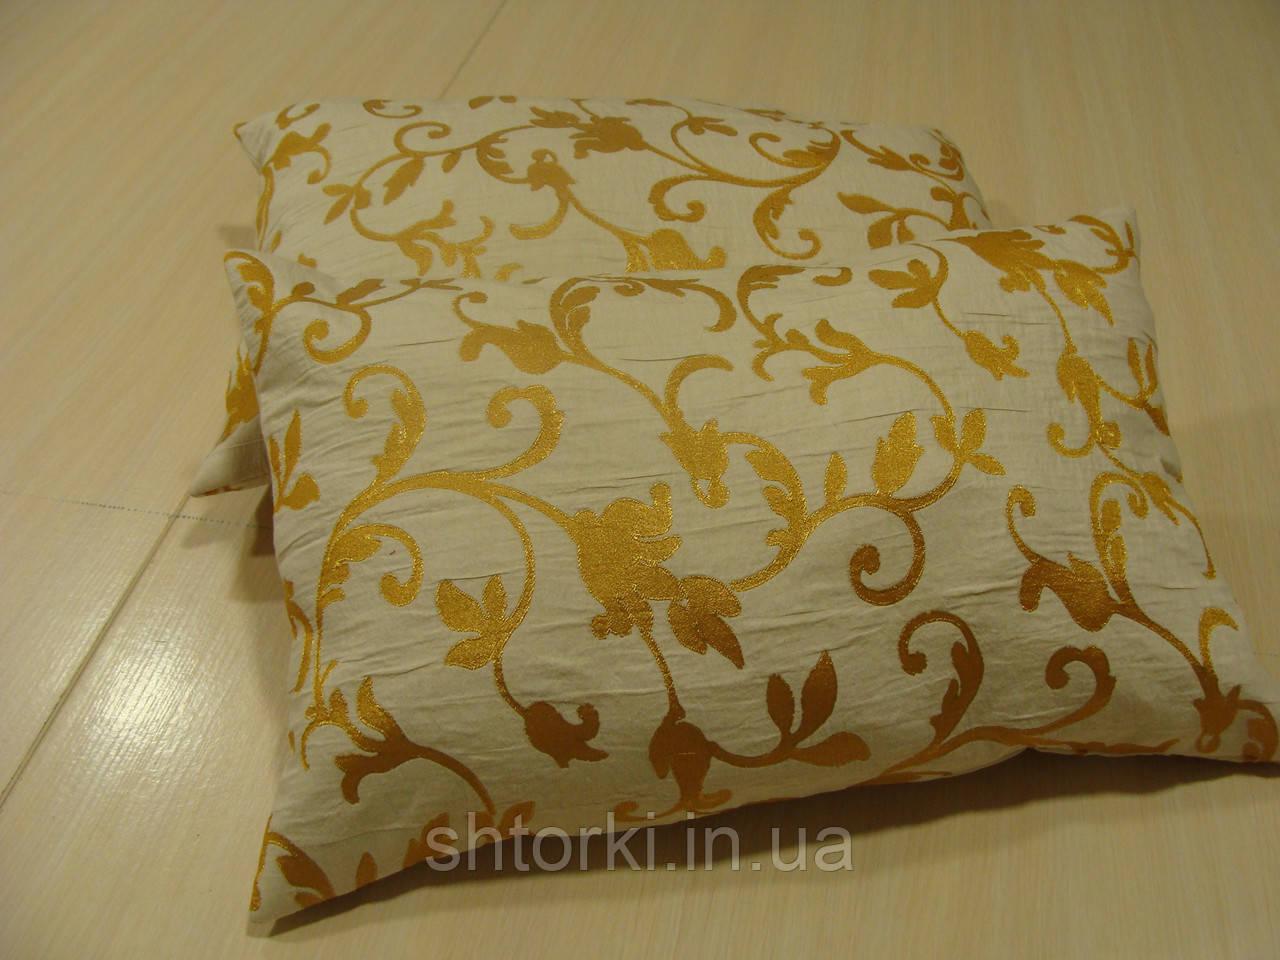 Комплект подушек  2шт золотой вензель 35х55см